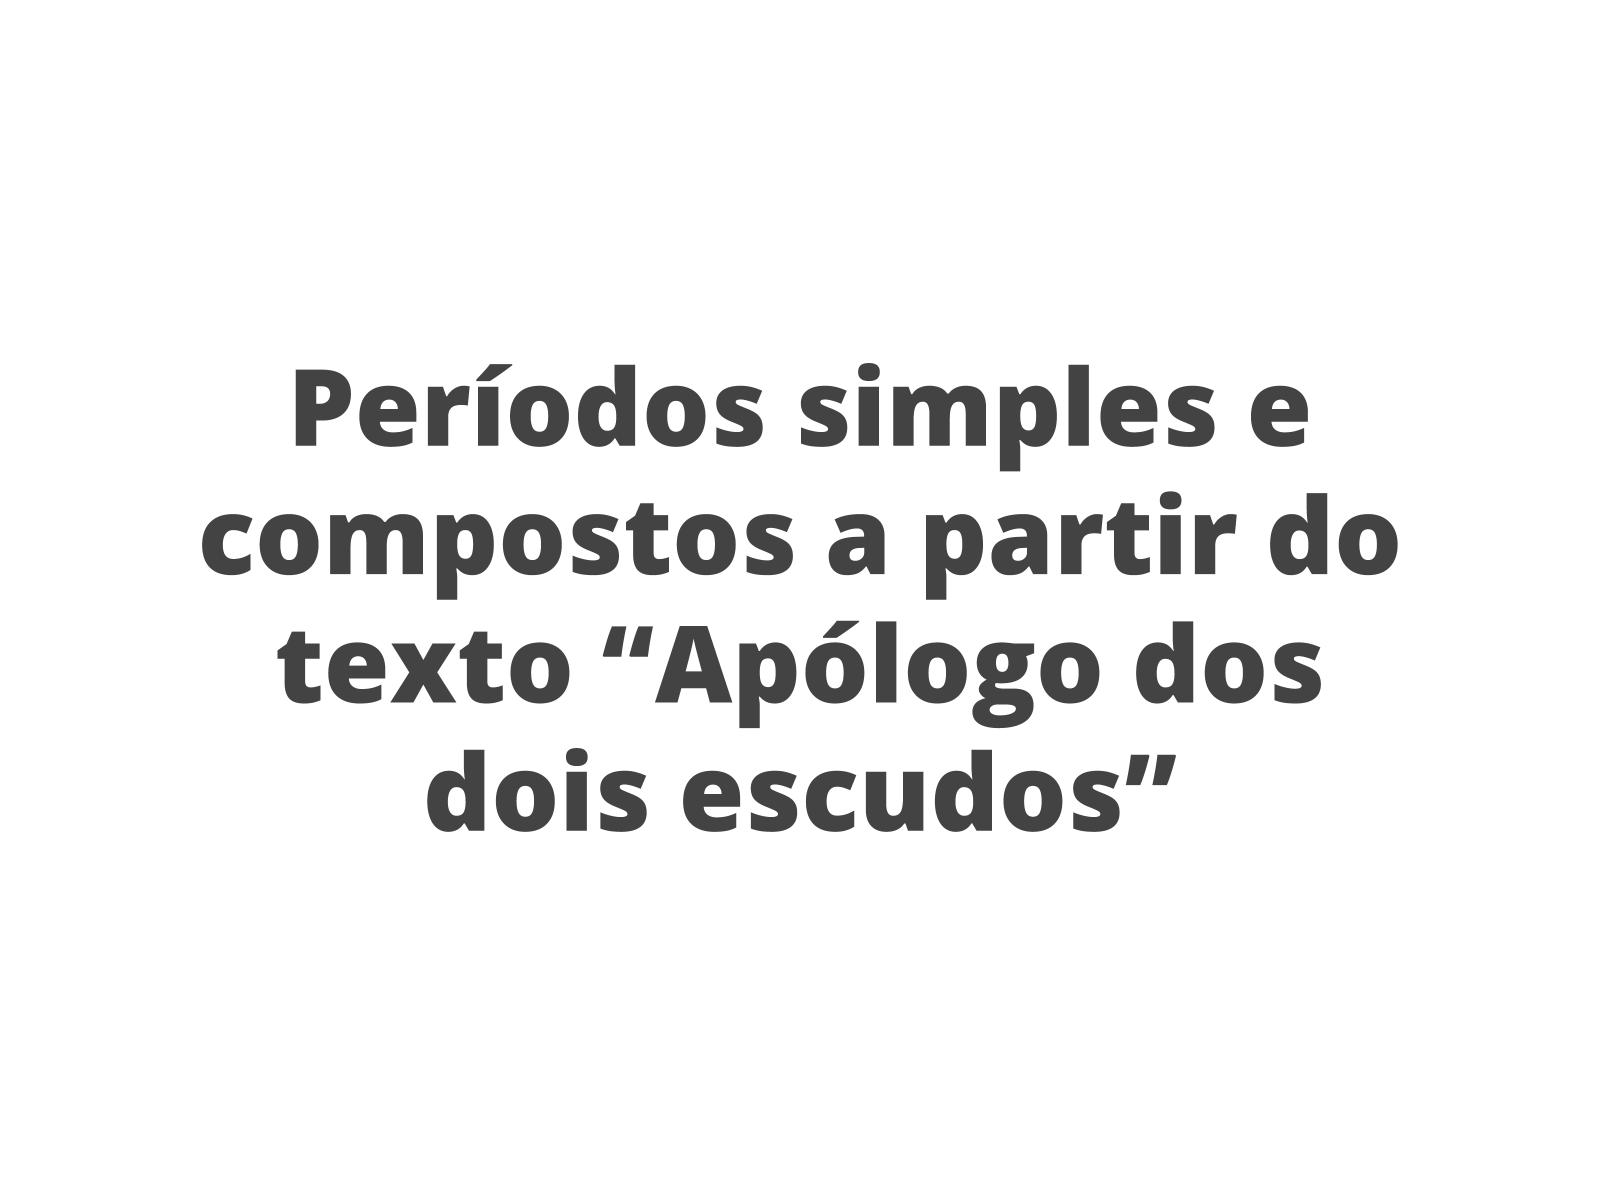 O verbo como núcleo oracional dos períodos simples e compostos: descoberta